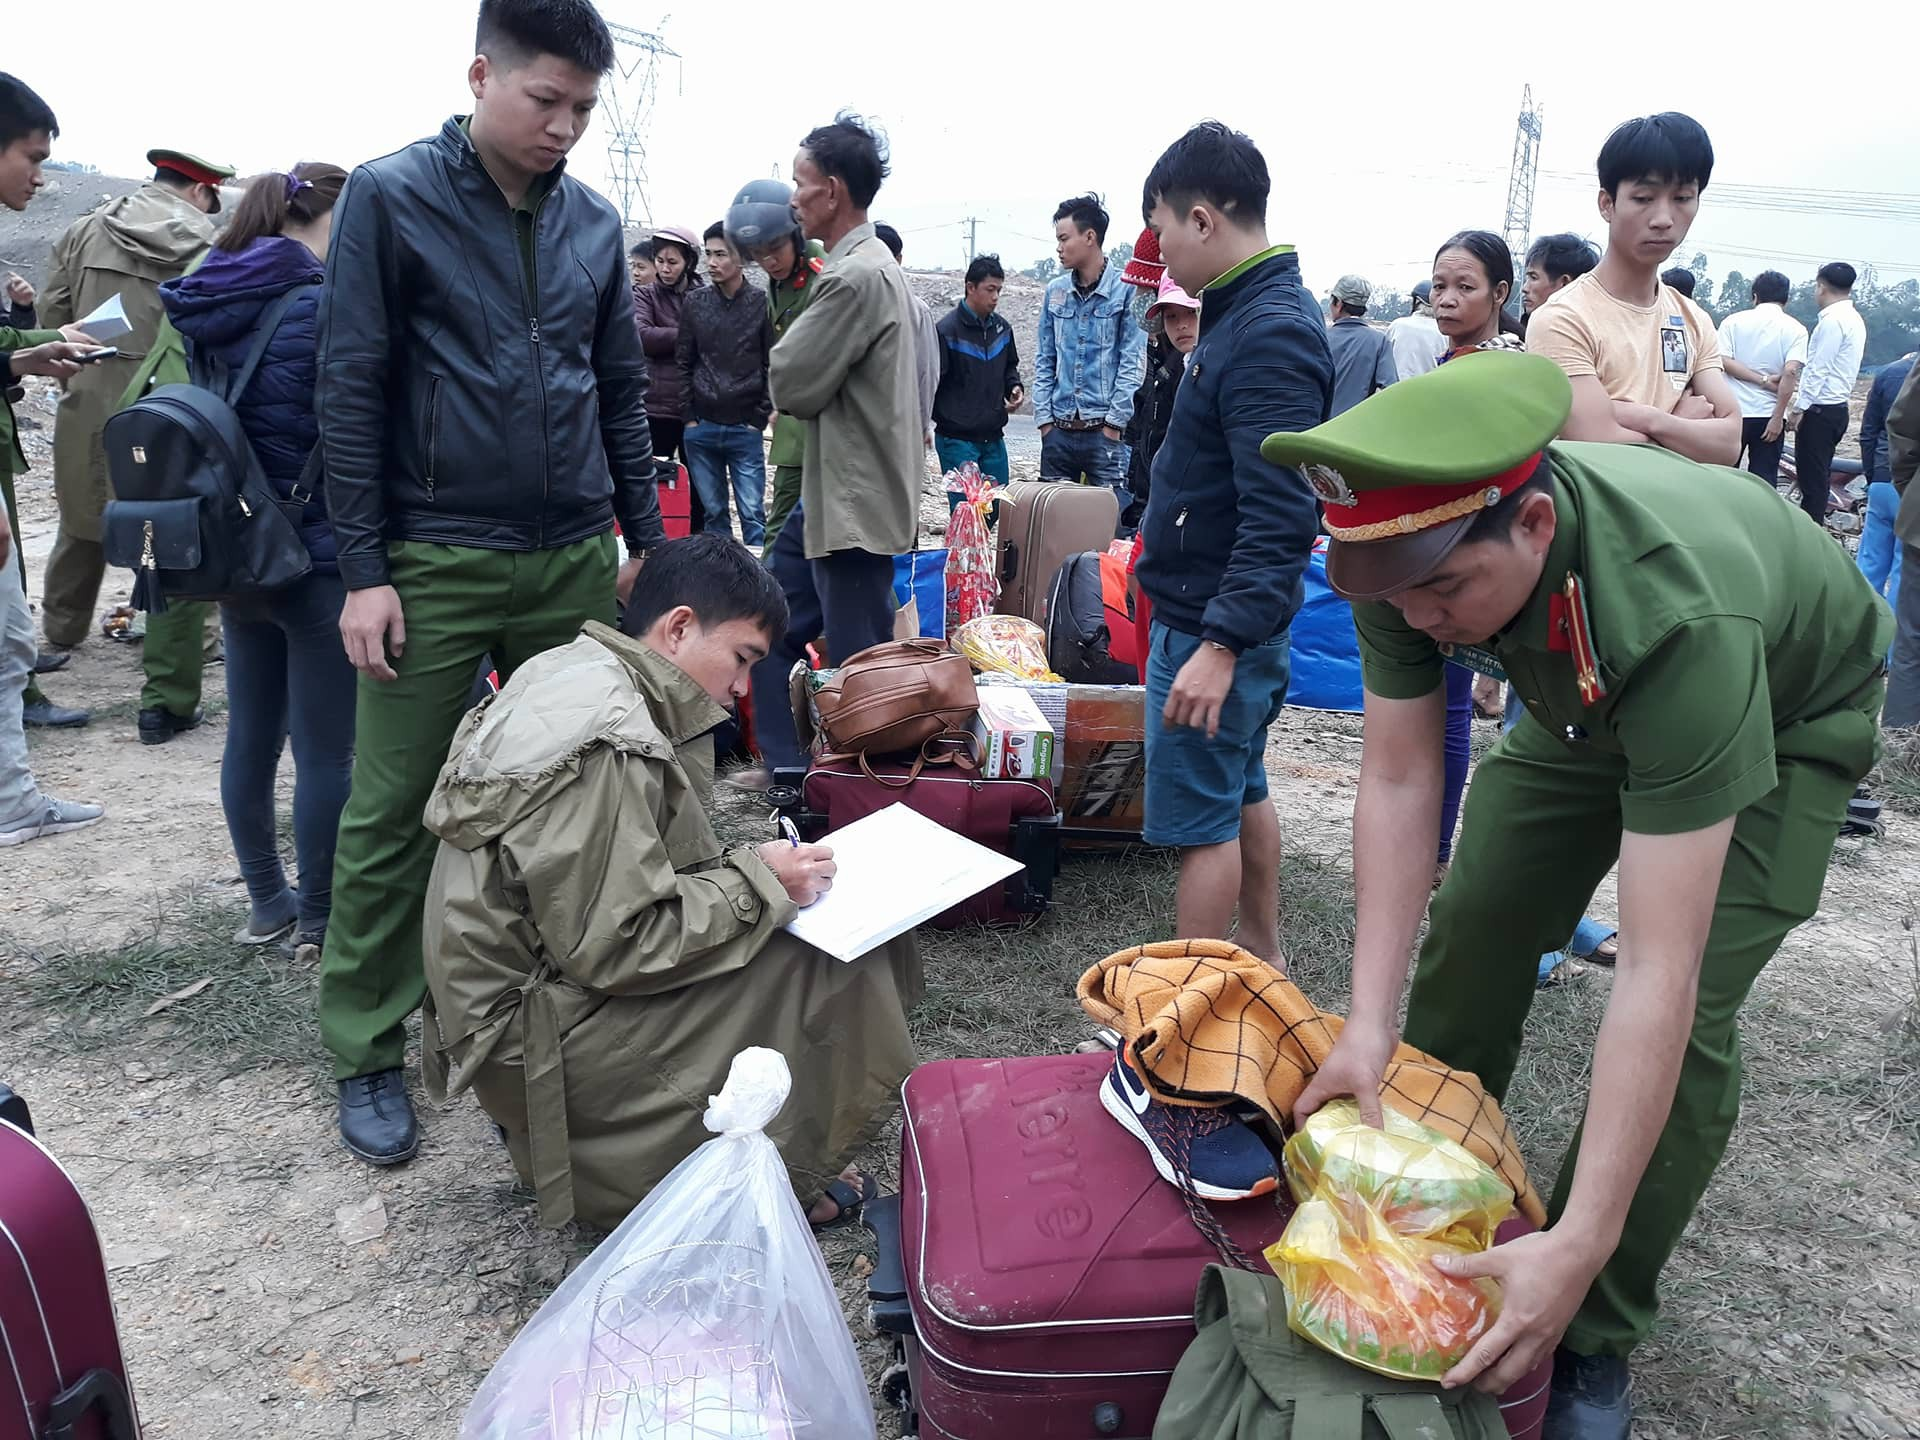 Chùm ảnh: Hiện trường vụ lật xe kinh hoàng ngày giáp Tết khiến 2 người chết, 11 người bị thương ở Đà Nẵng - Ảnh 8.